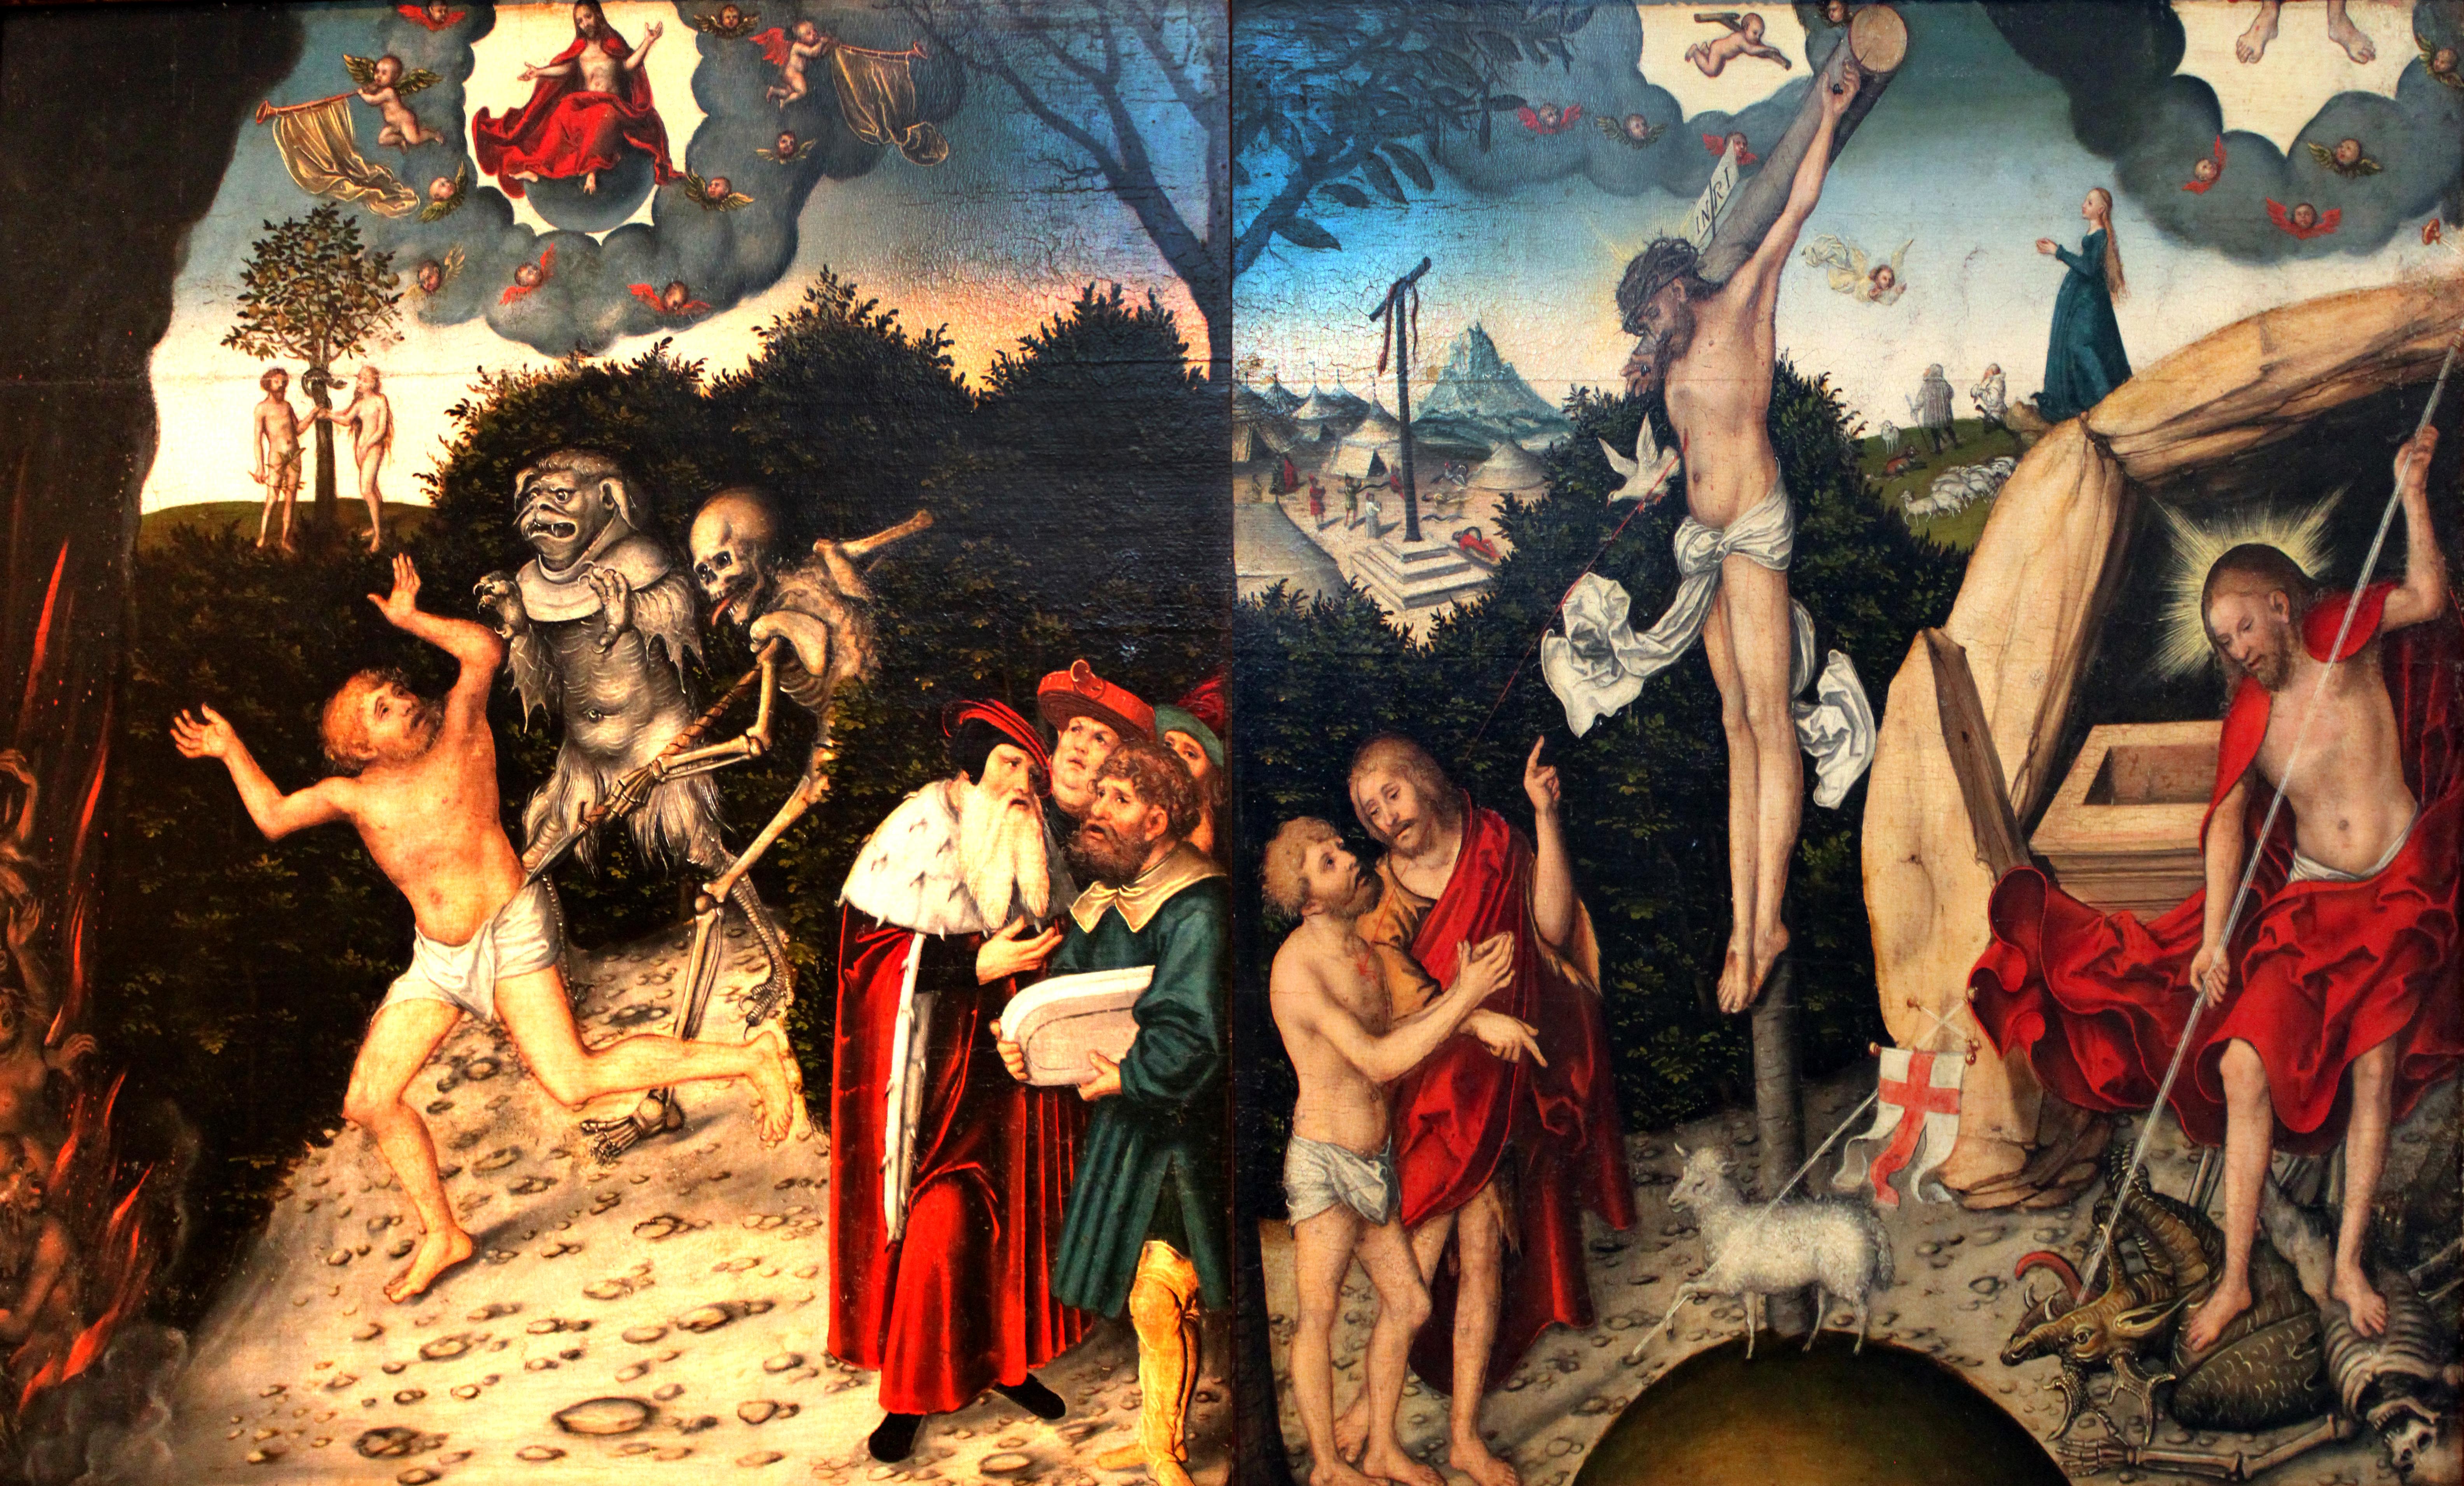 File:1529 Cranach Allegorie auf Gesetz und Gnade anagoria.JPG